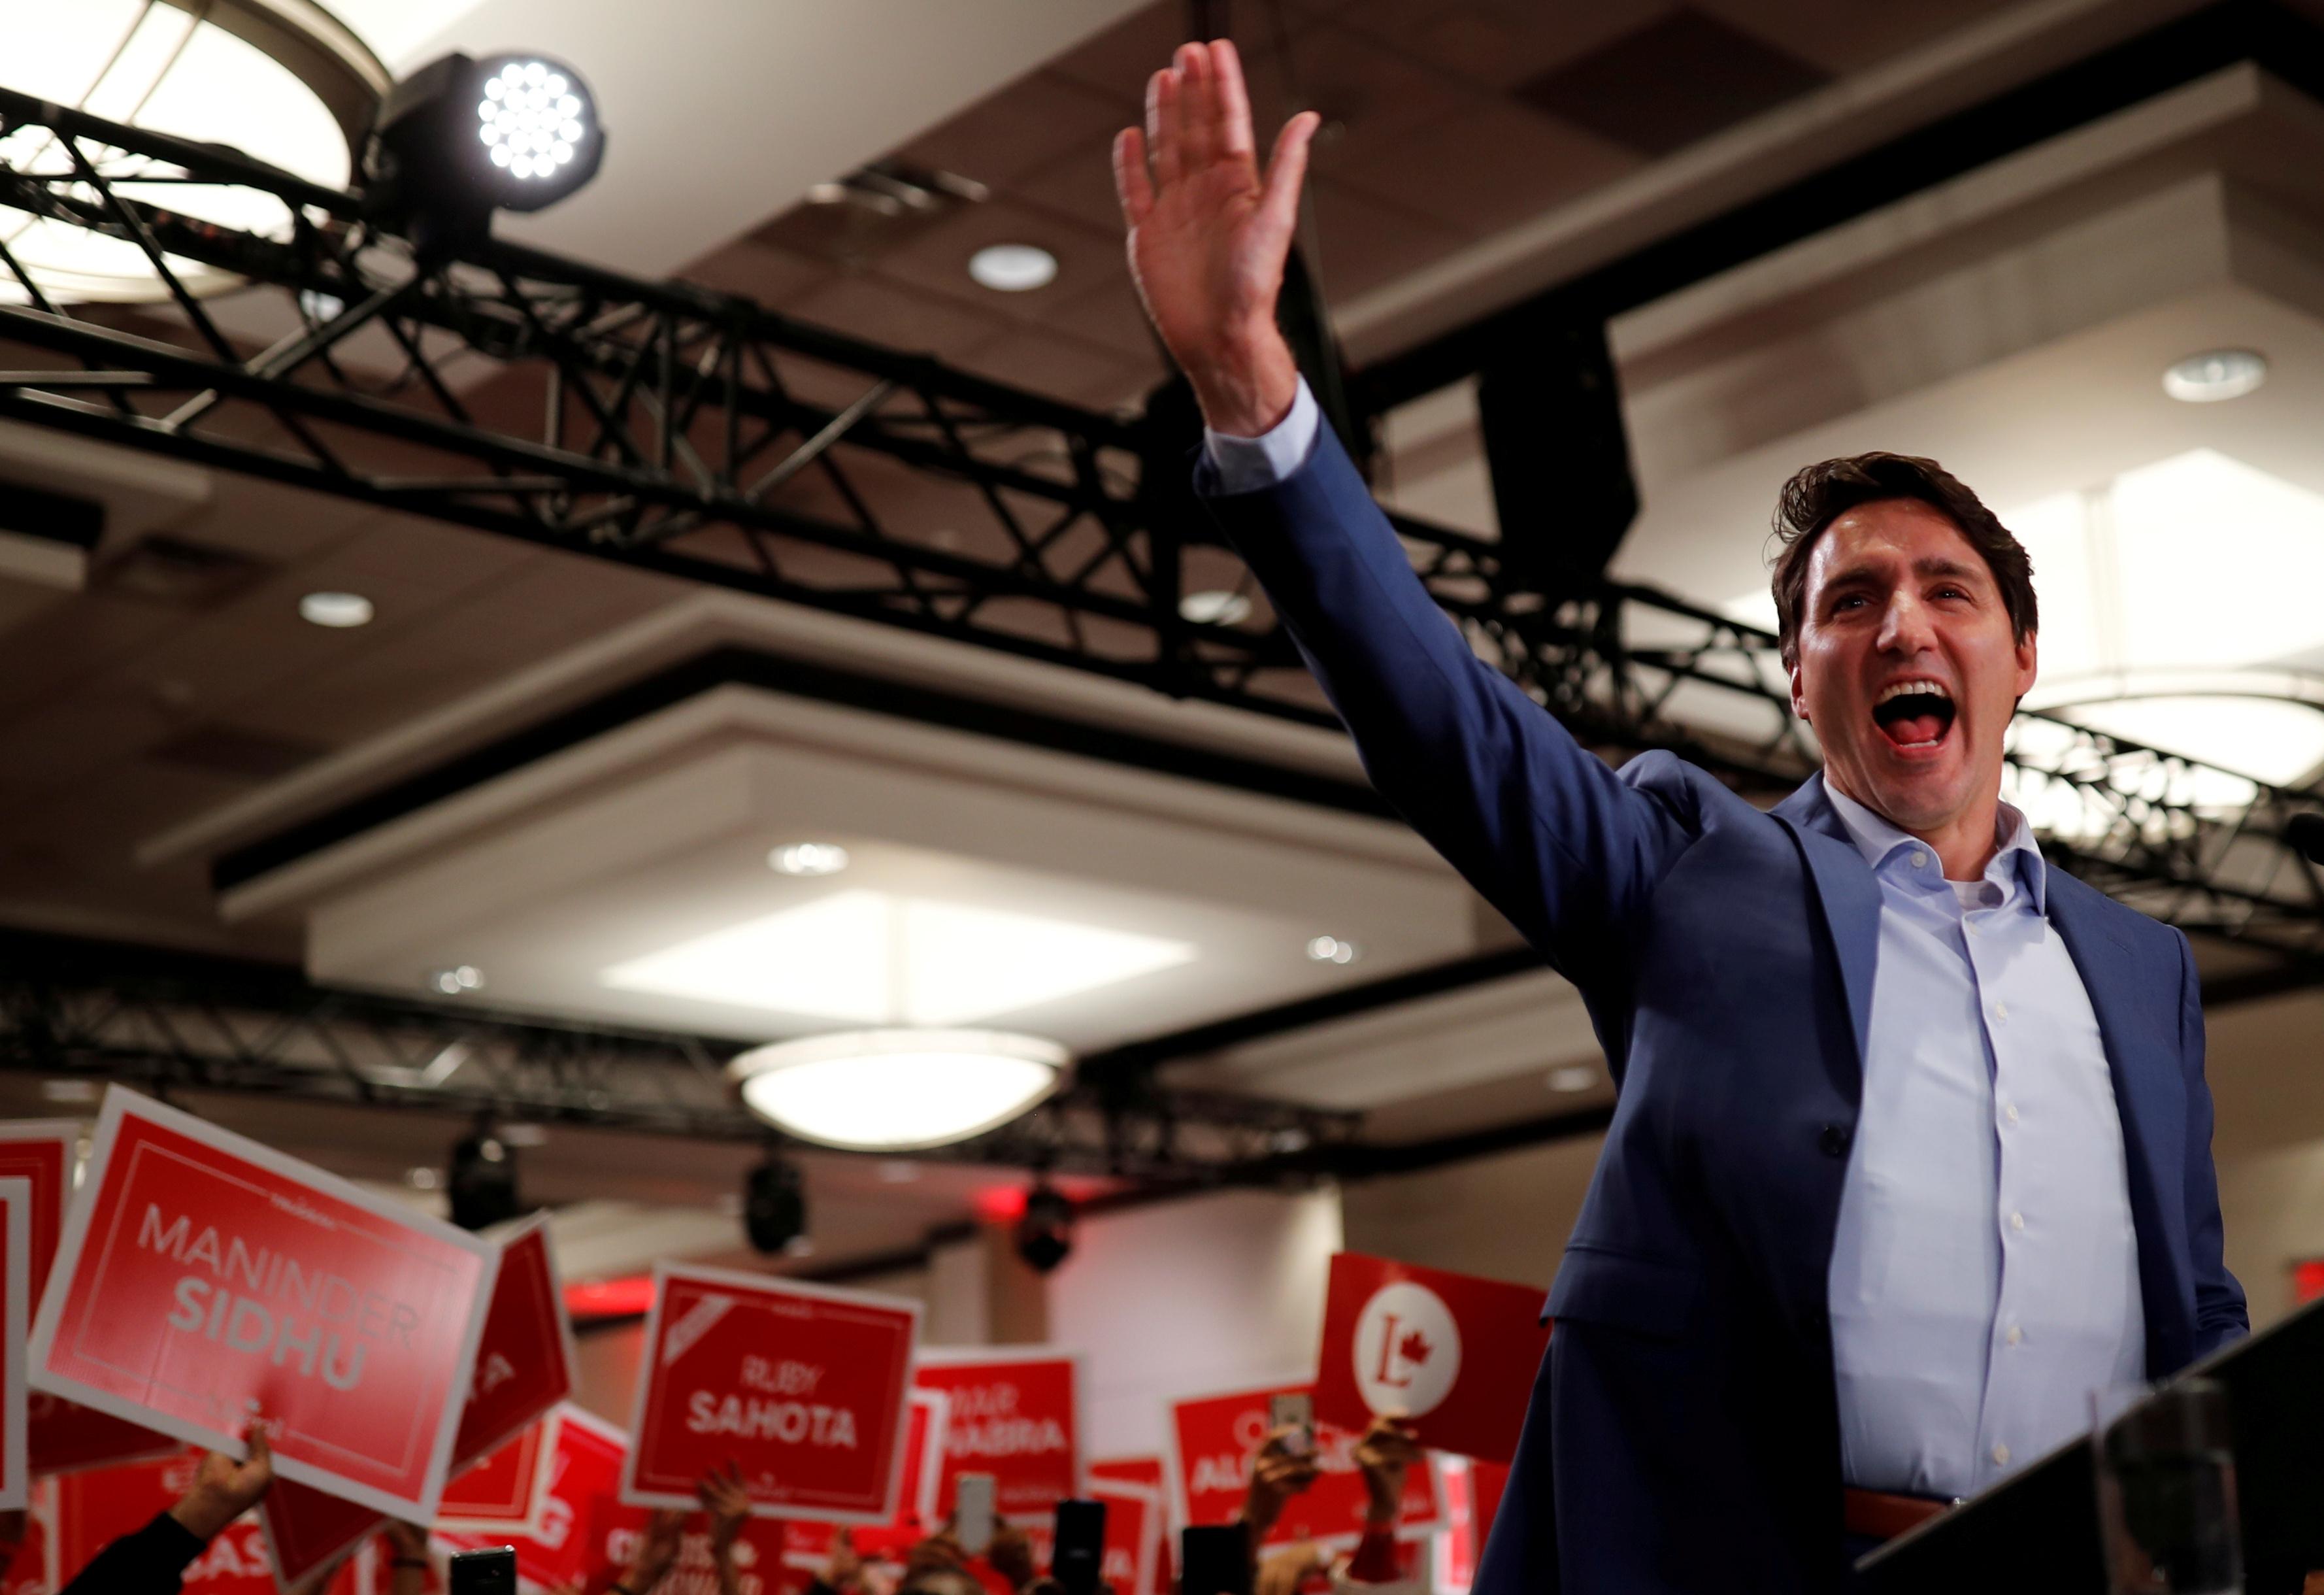 Canada : Trudeau en gilet pare-balles lors d'un meeting